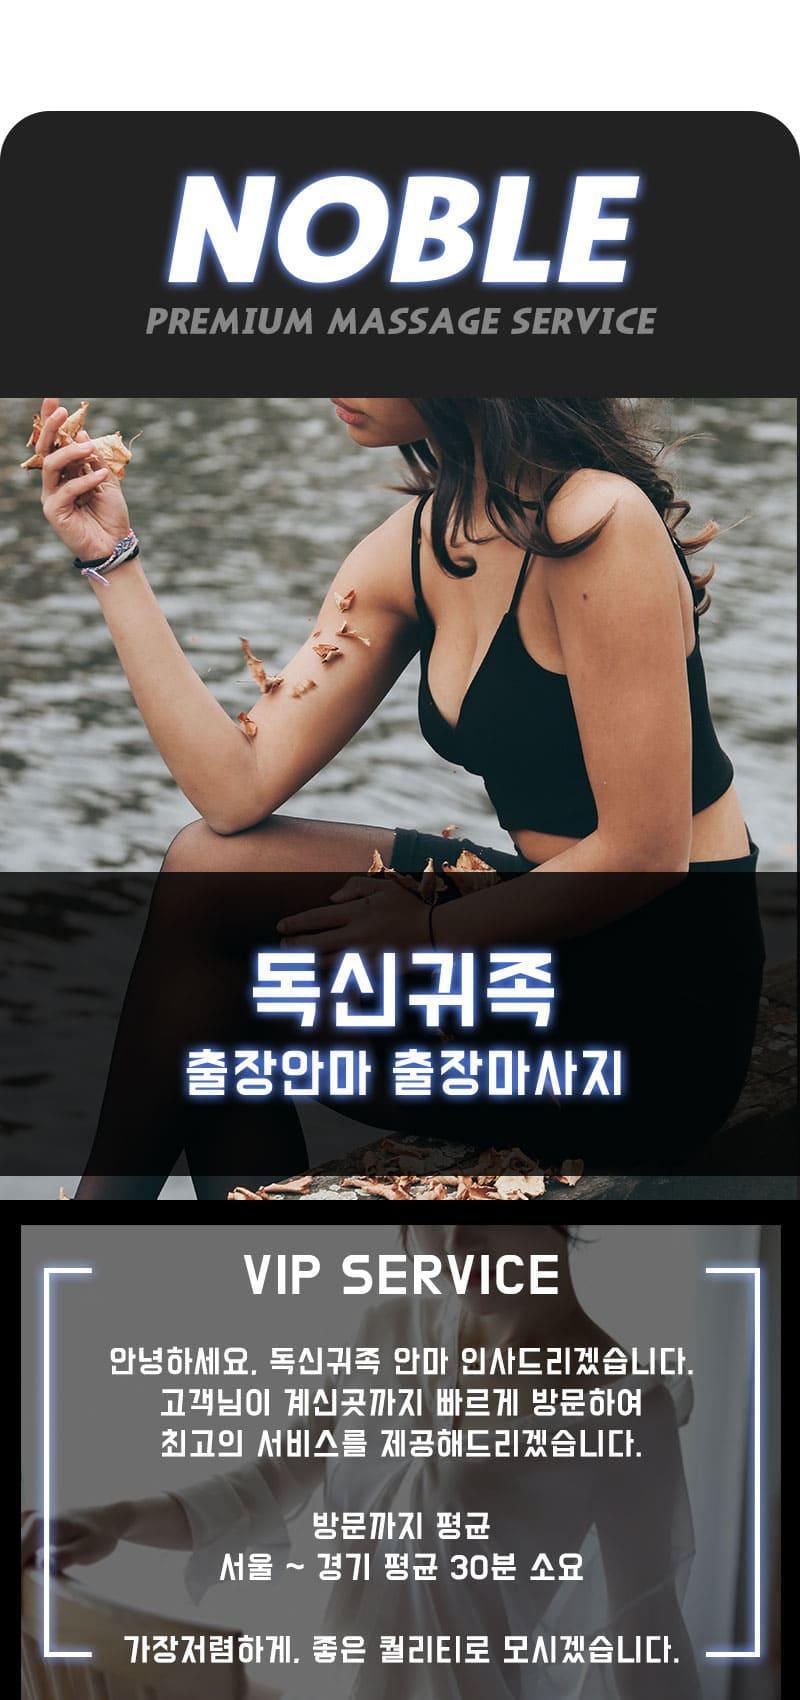 신도림출장안마 소개